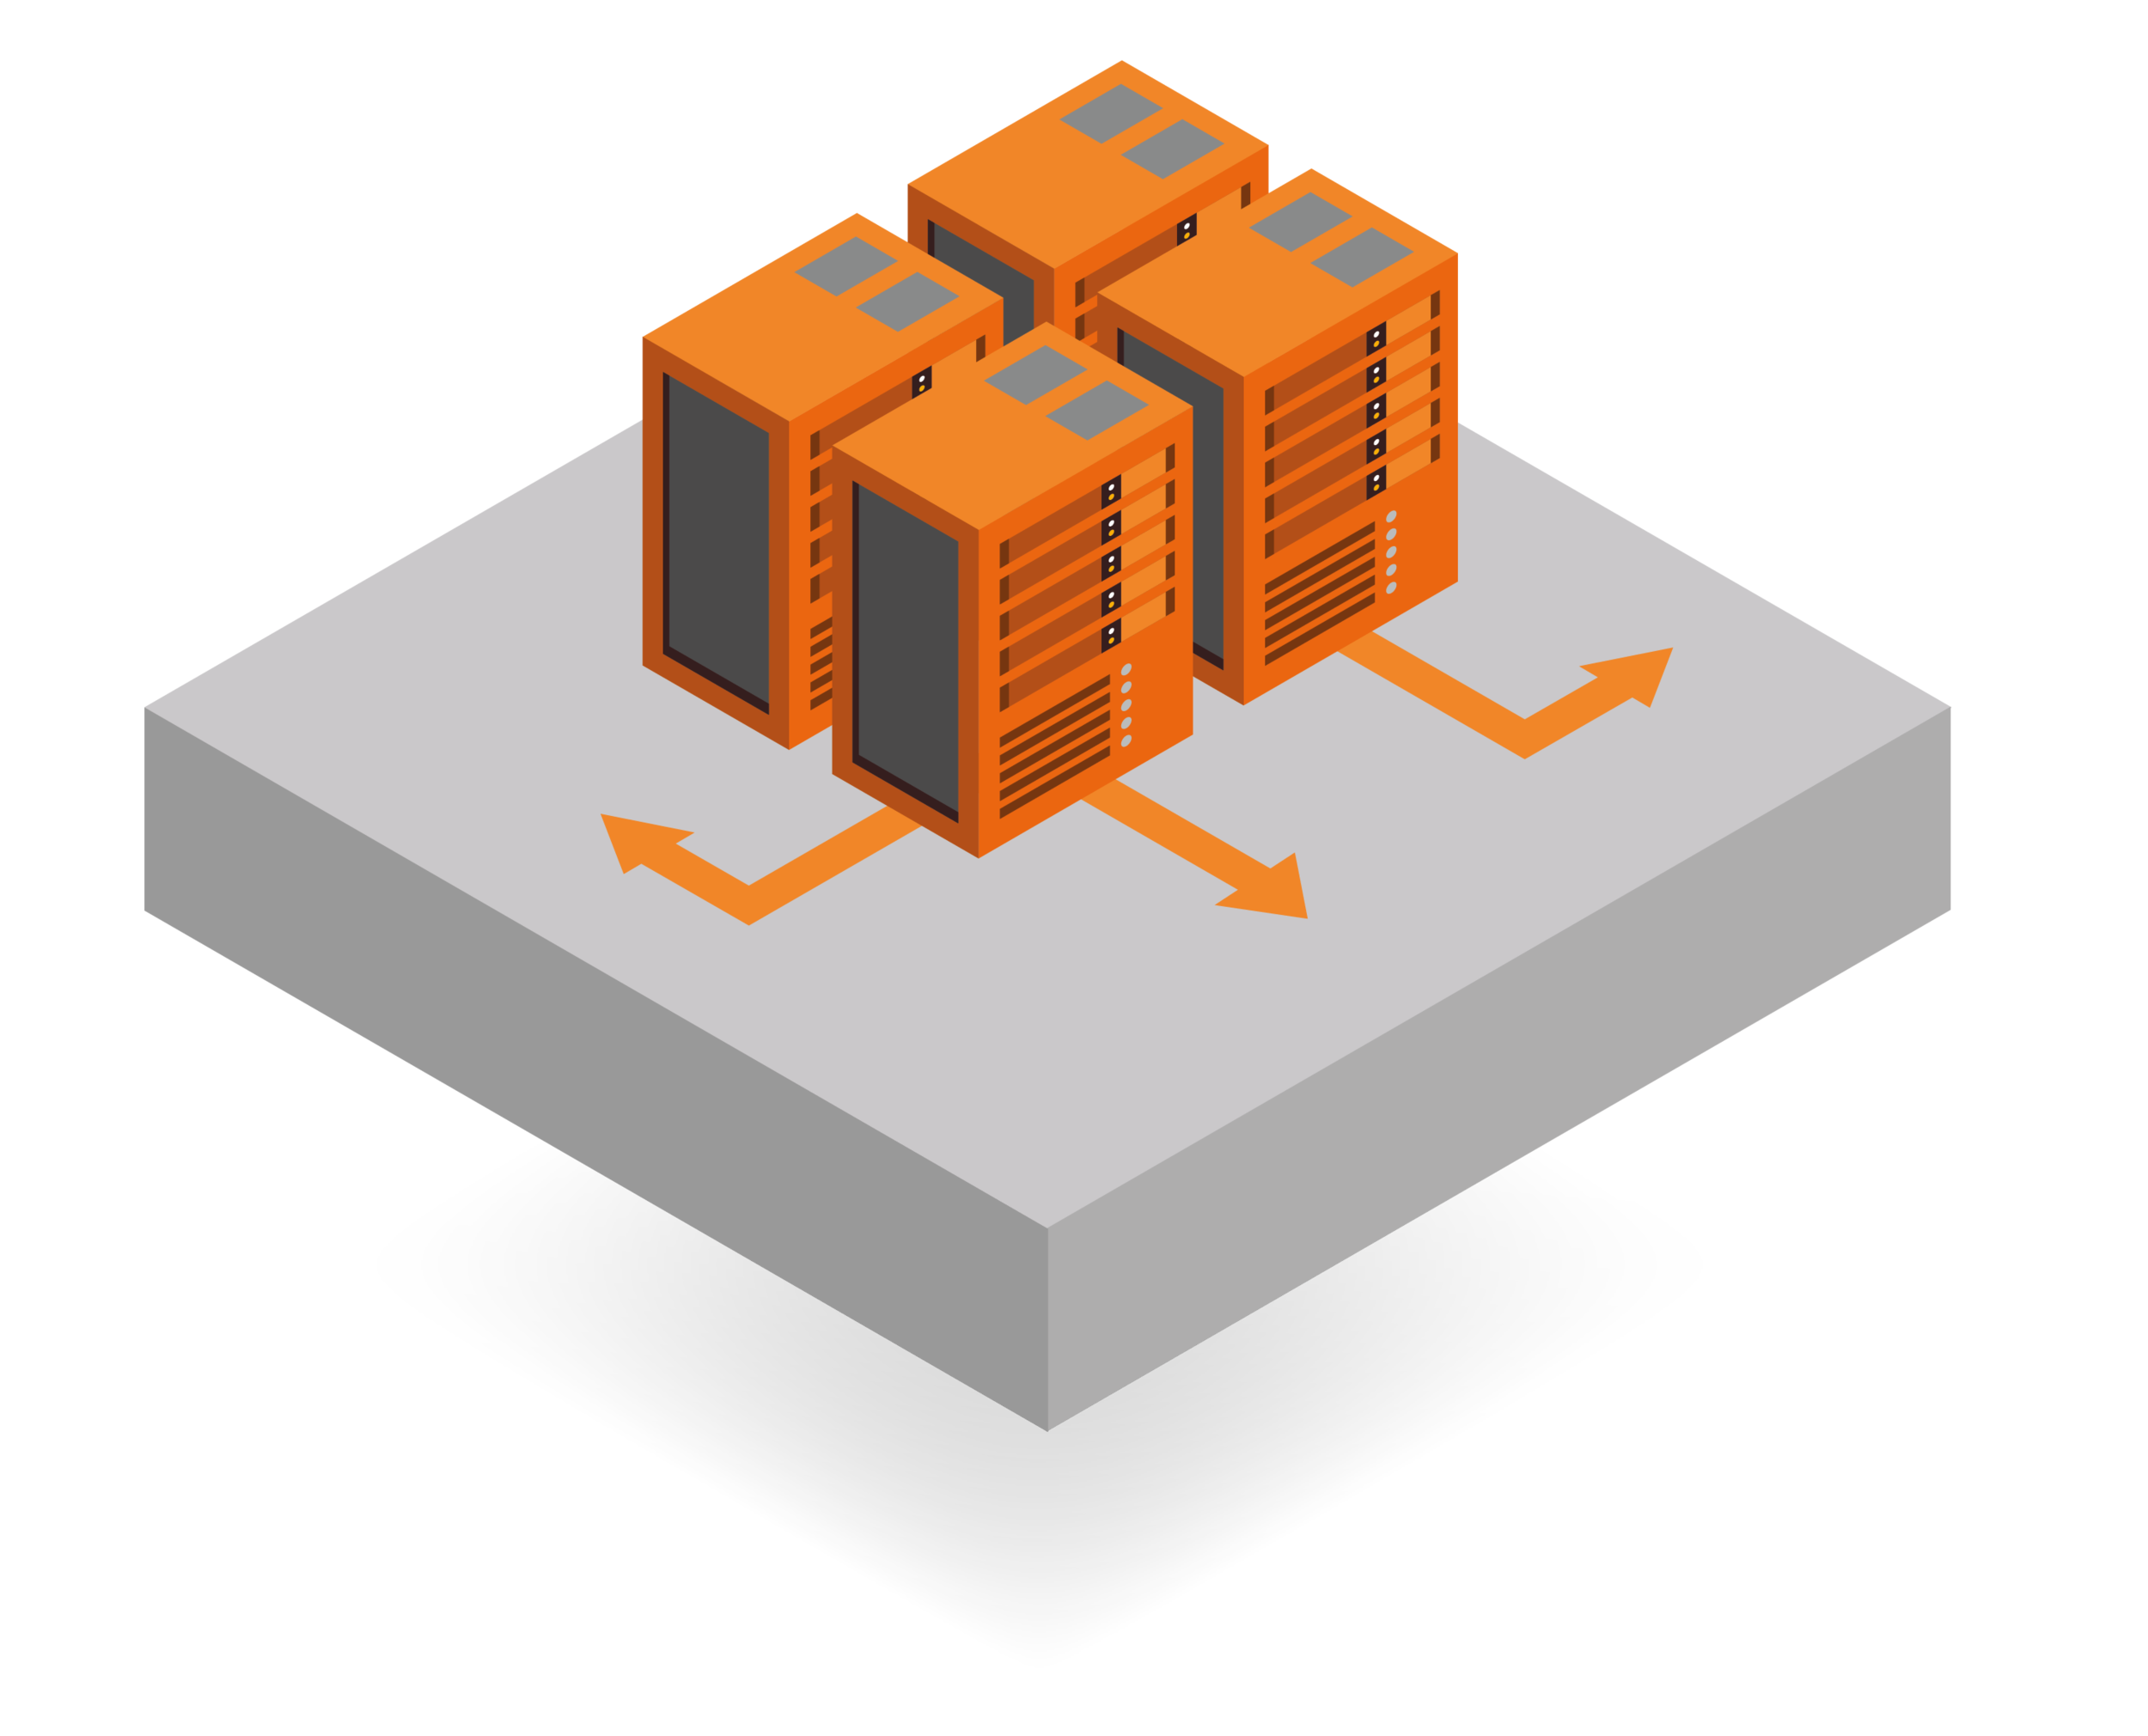 Data Centre 3D Image.png